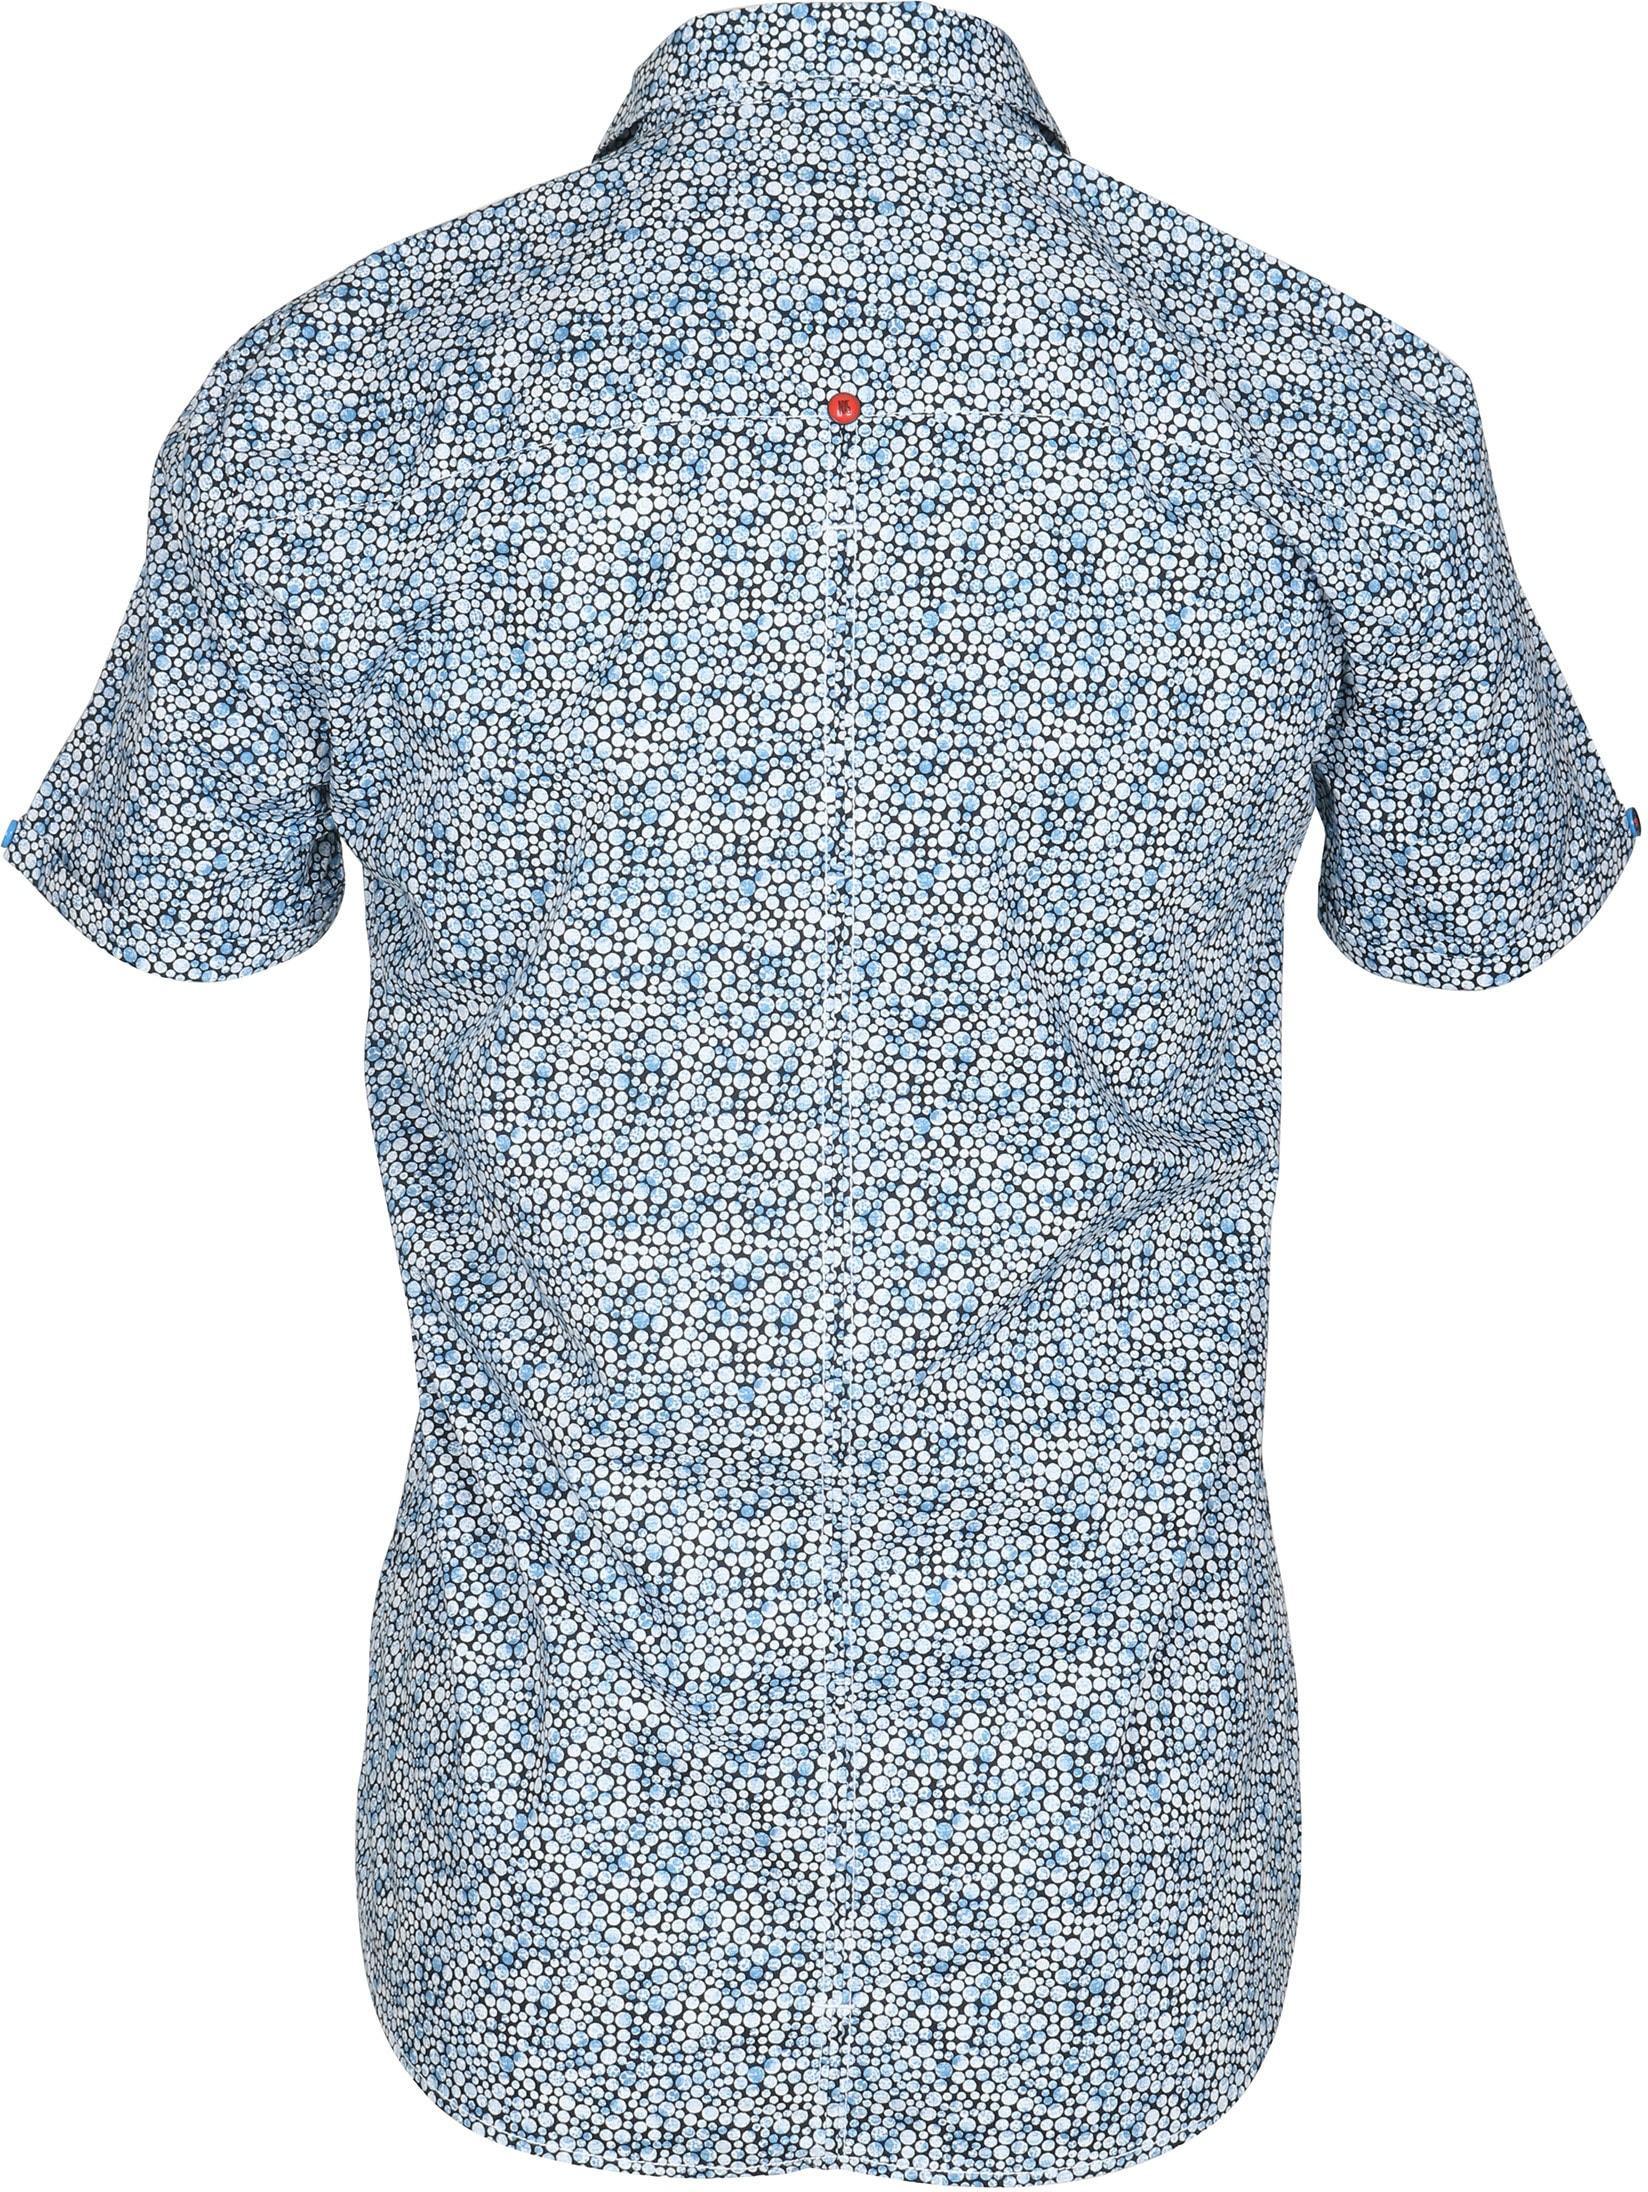 No-Excess Overhemd Blauw Stippen foto 3